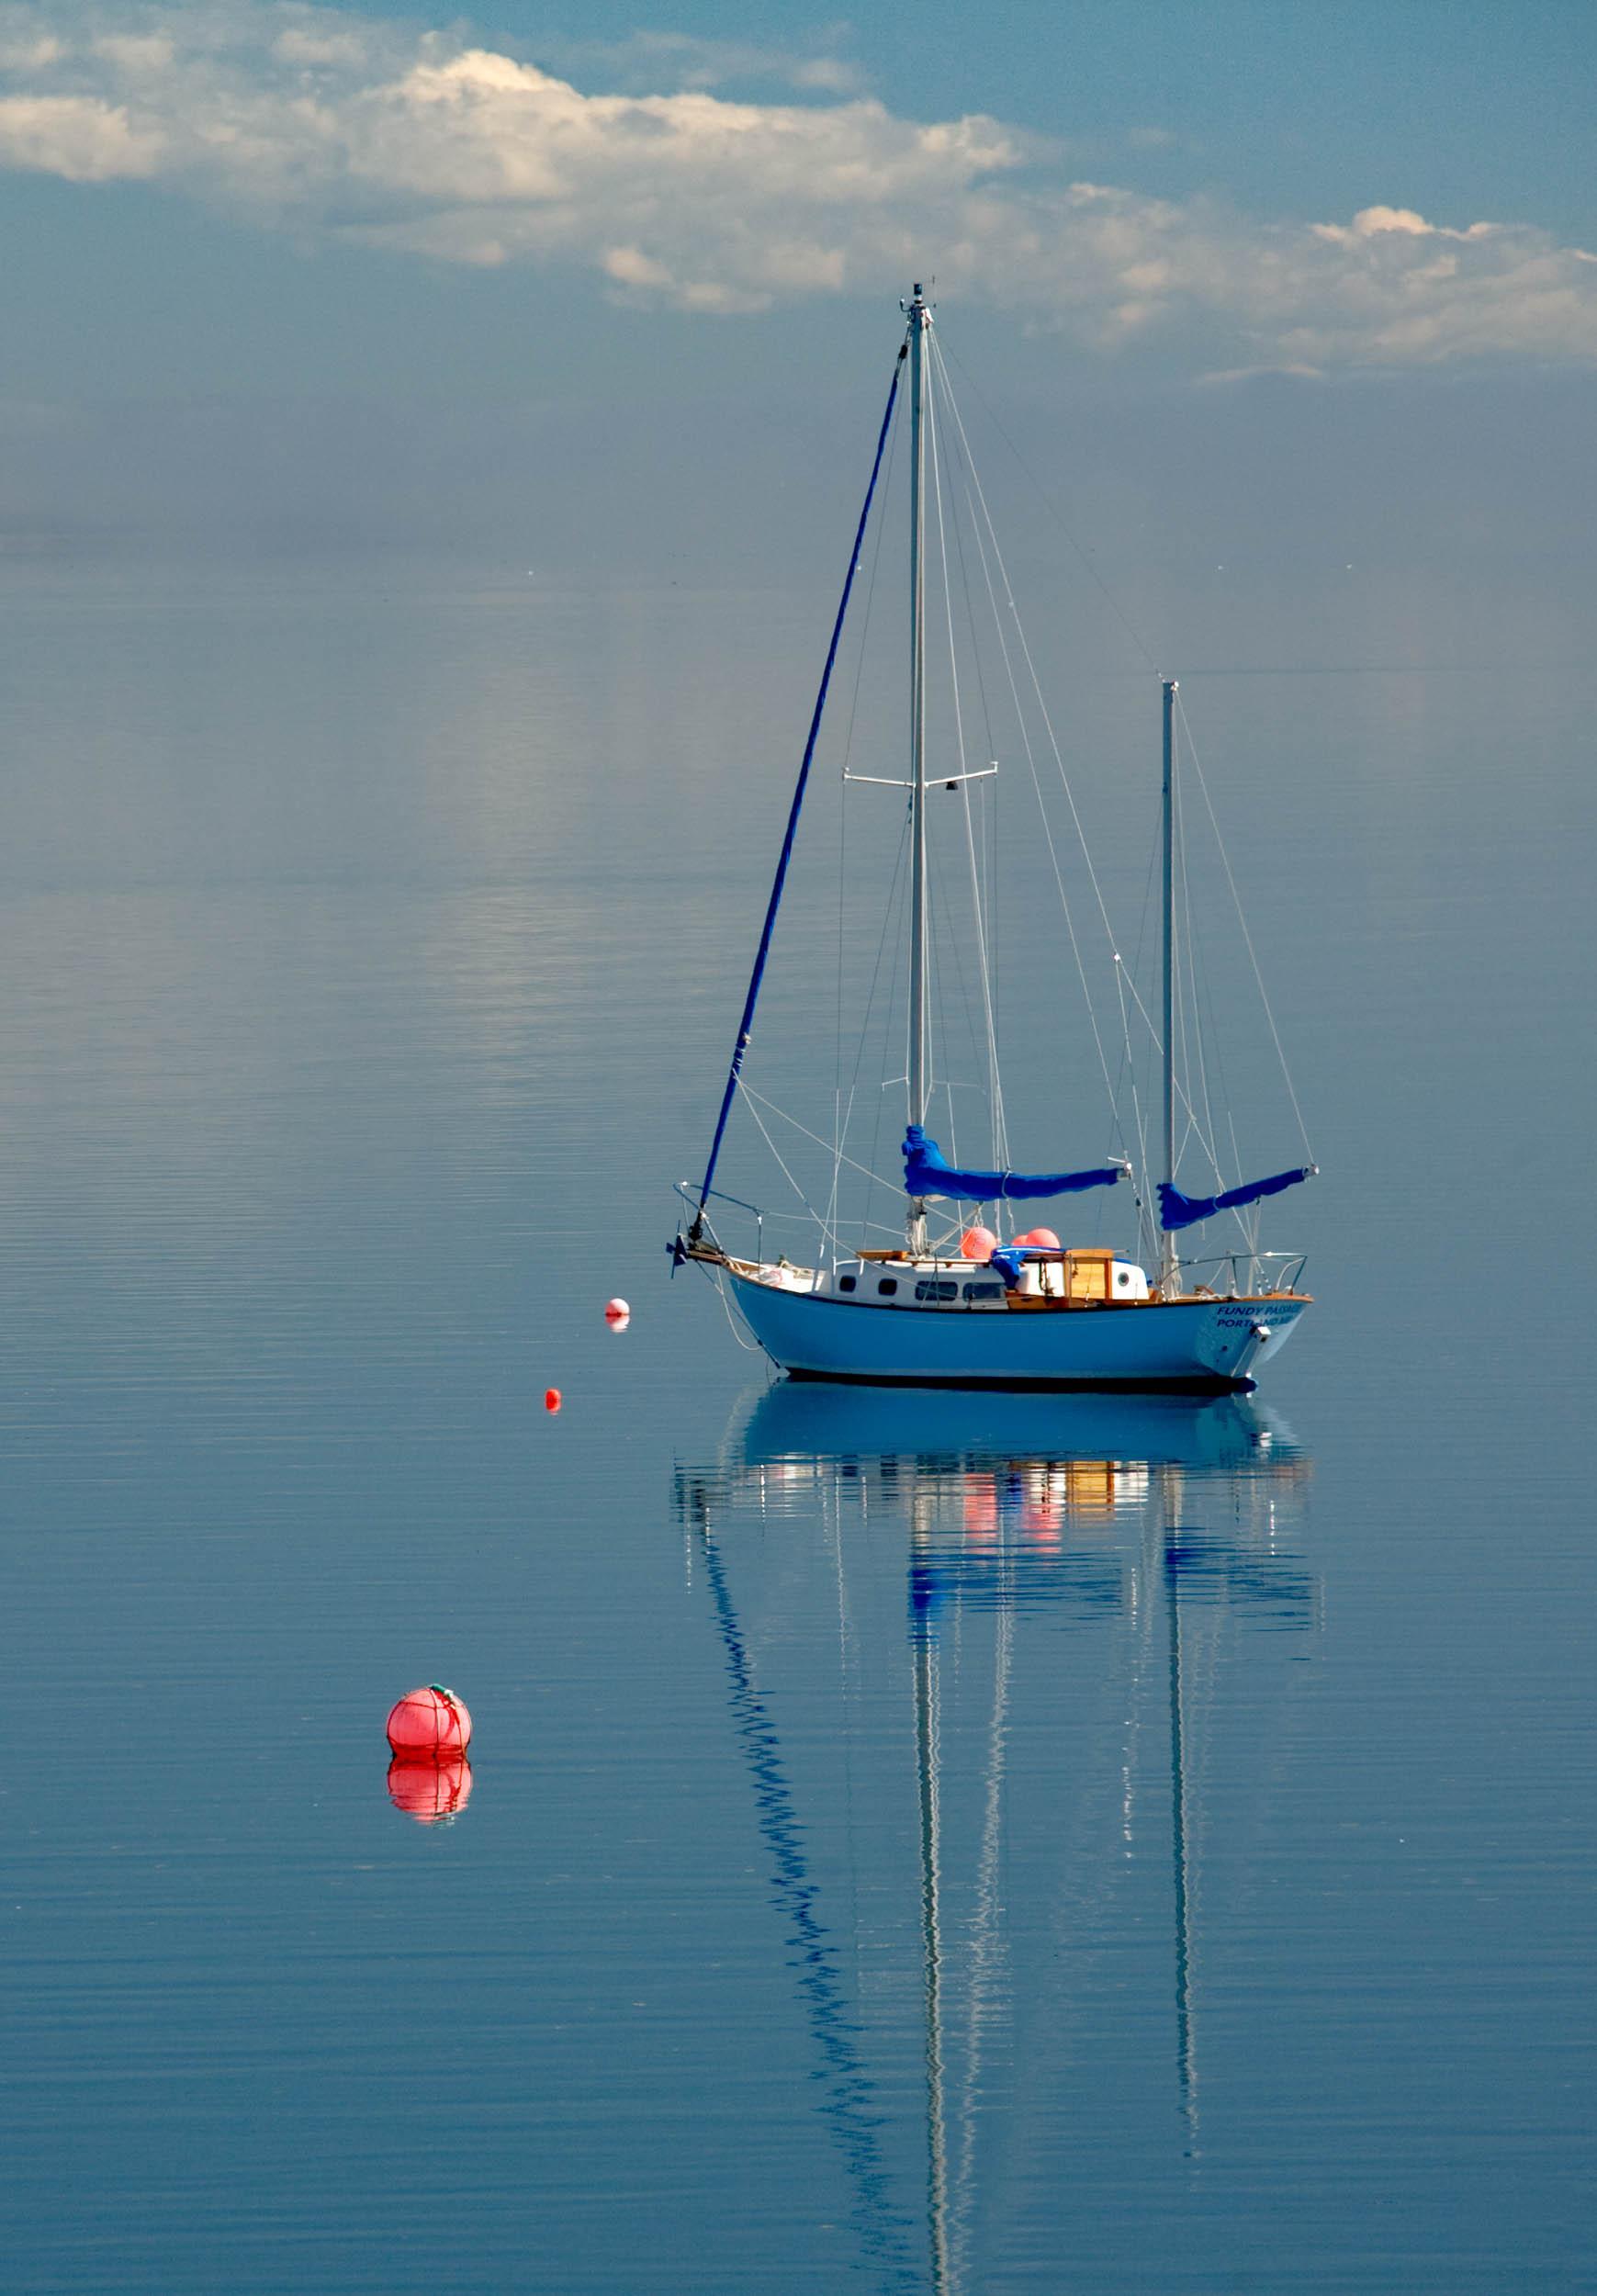 Digby3-Harbor2_LRWF.jpg